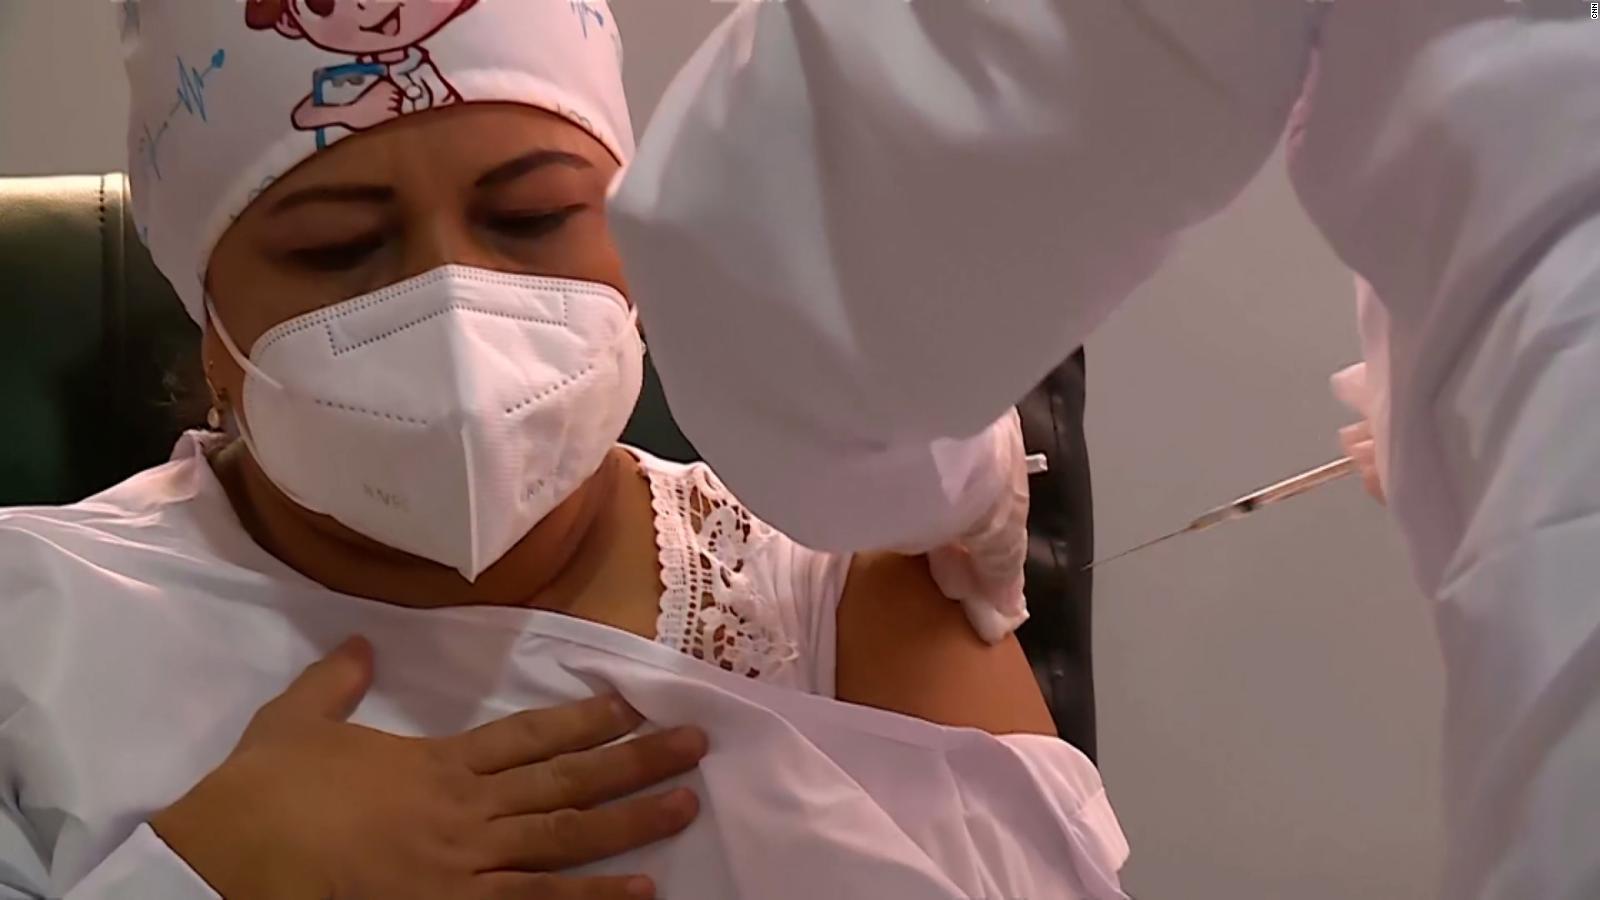 enfermera Veronica Machado